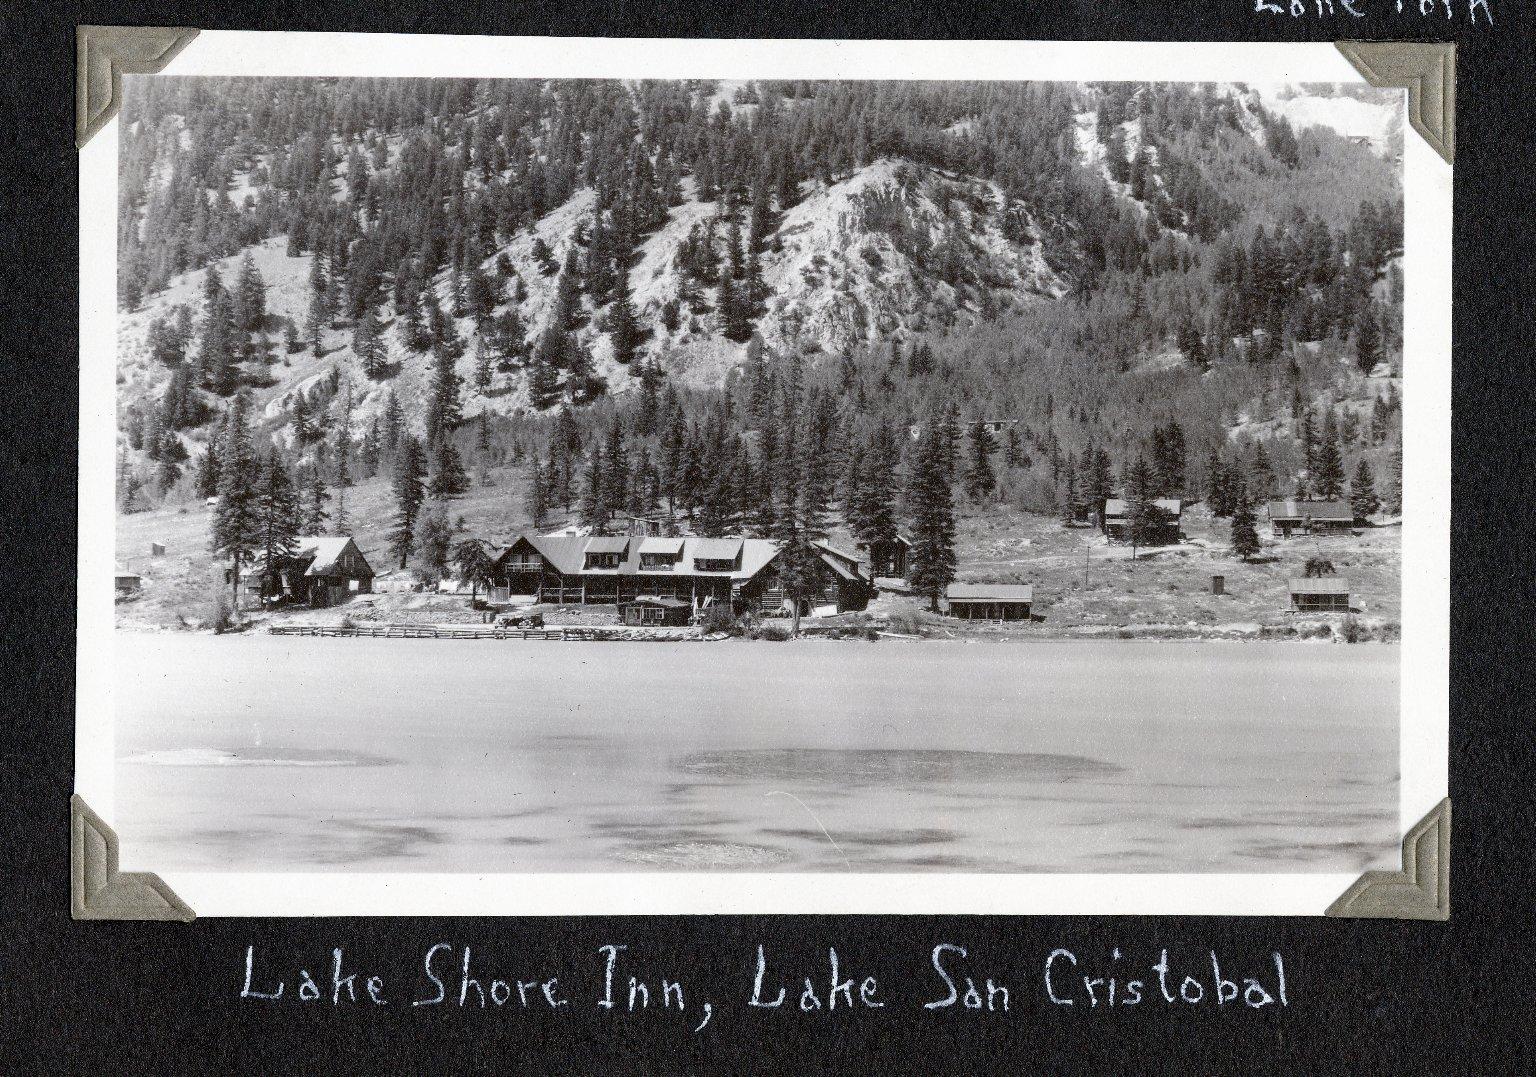 Lake Shore Inn at Lake San Cristobal